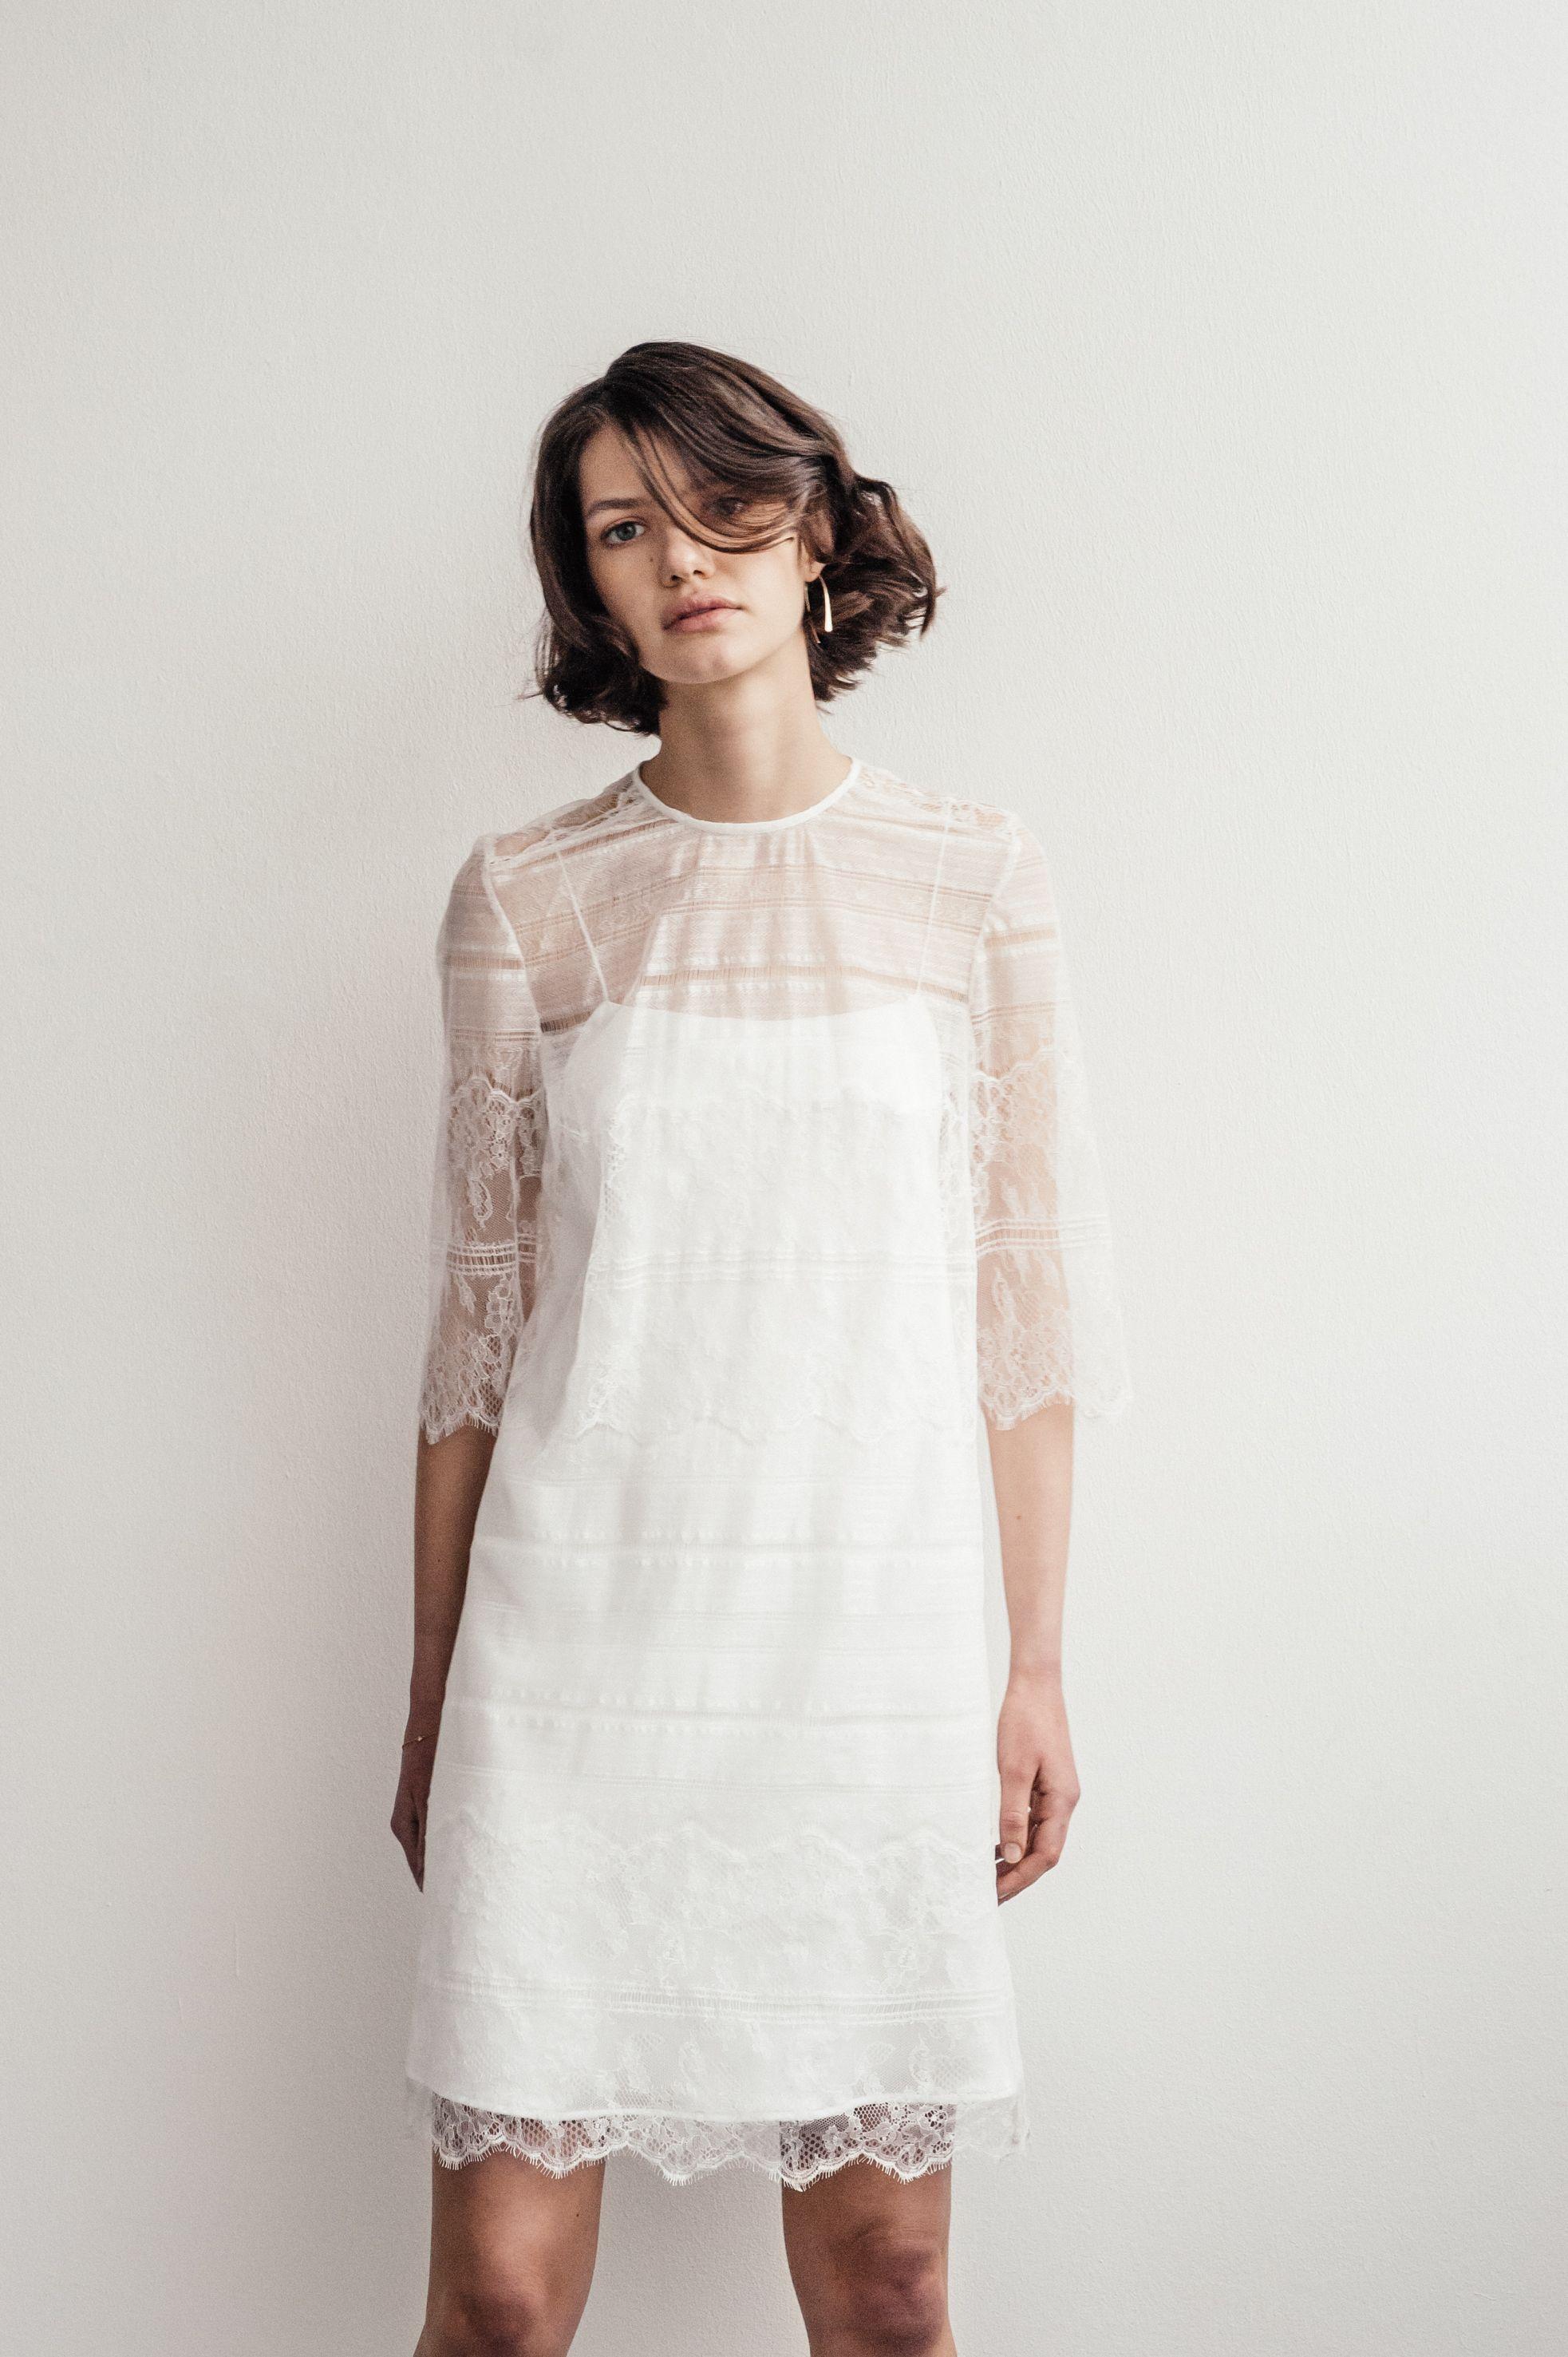 Lilly Ingenhoven Bridal - Dieses kurze, elegante Brautkleid ist ...